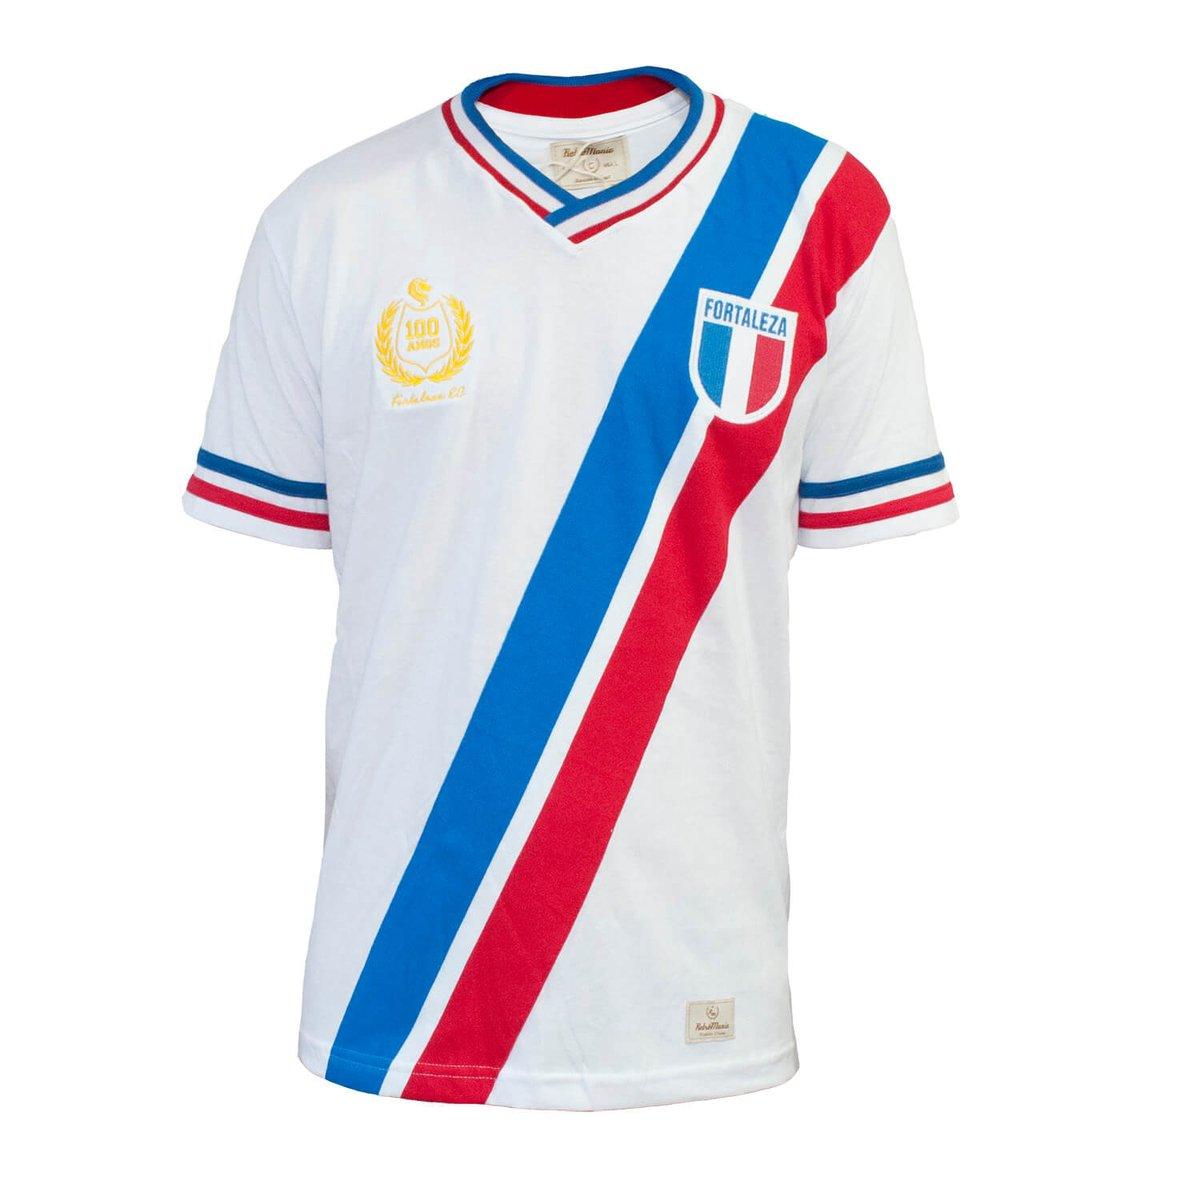 ... Camisa Retrô Mania Fortaleza Centenário - 1946 - Compre Agora Netshoes  7f987a2bdfe66f ... d32e0a1abfd84